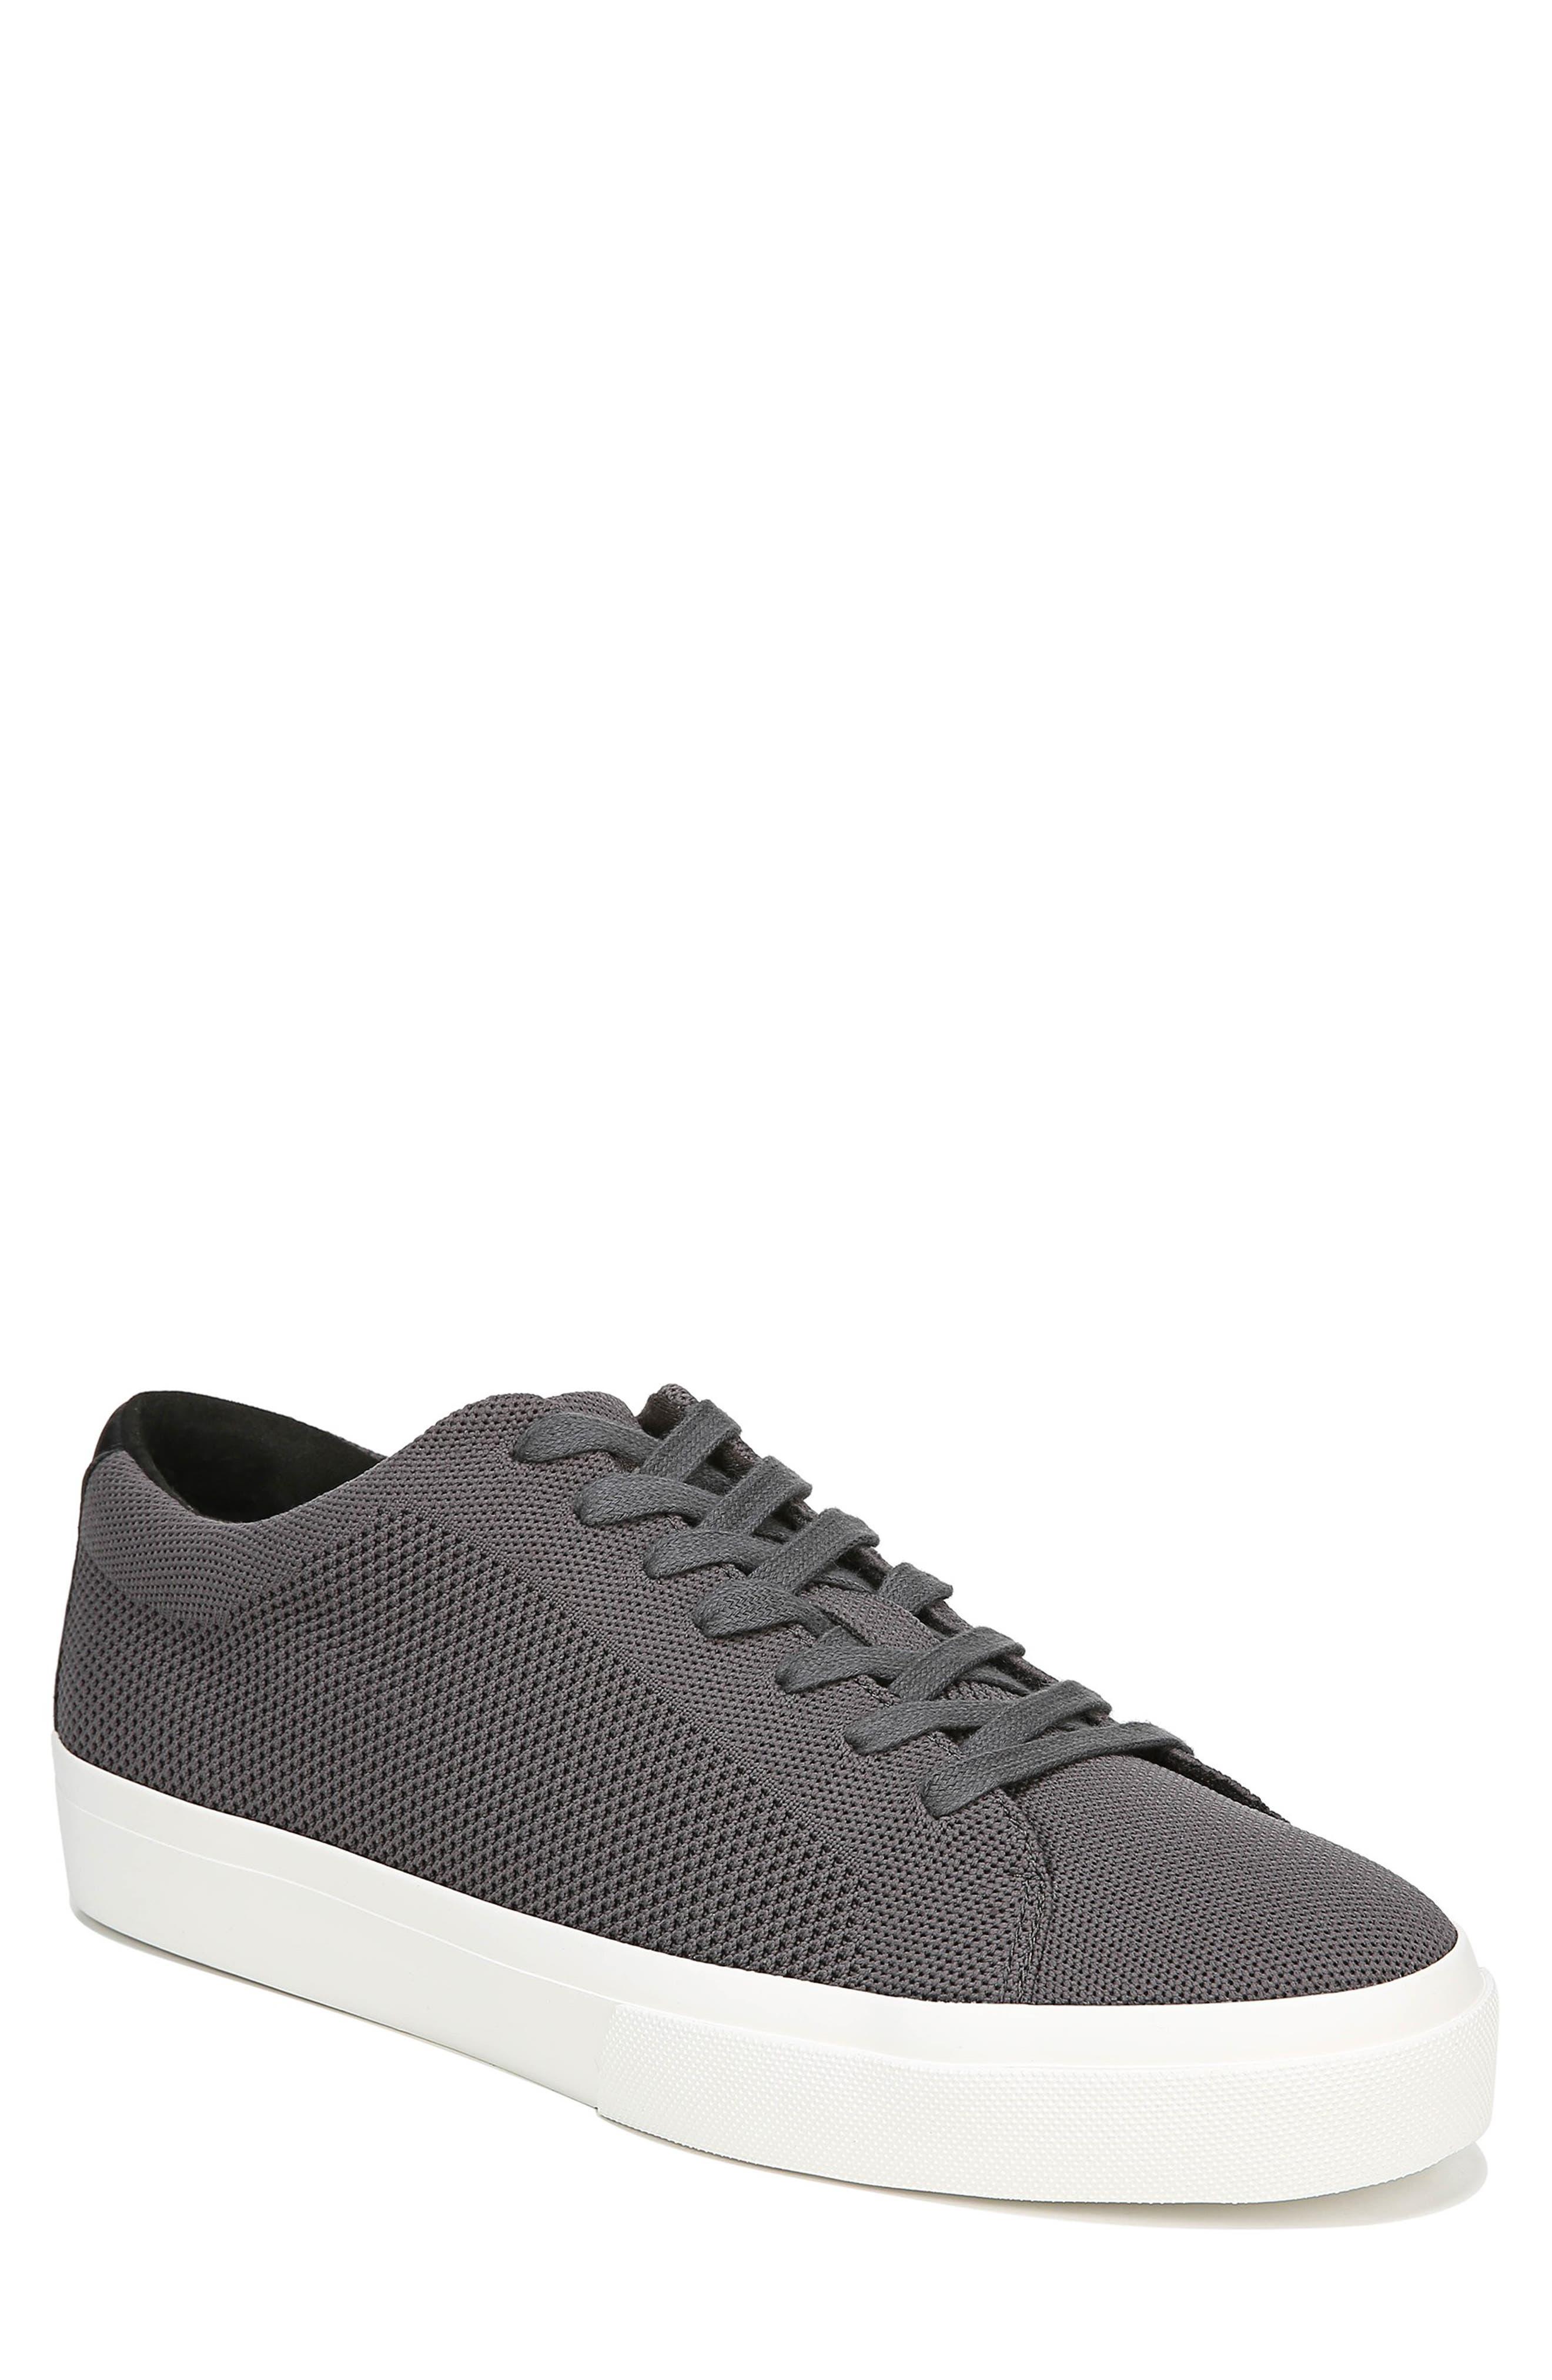 VINCE Farrell Sneaker, Main, color, GRAPHITE/ BLACK